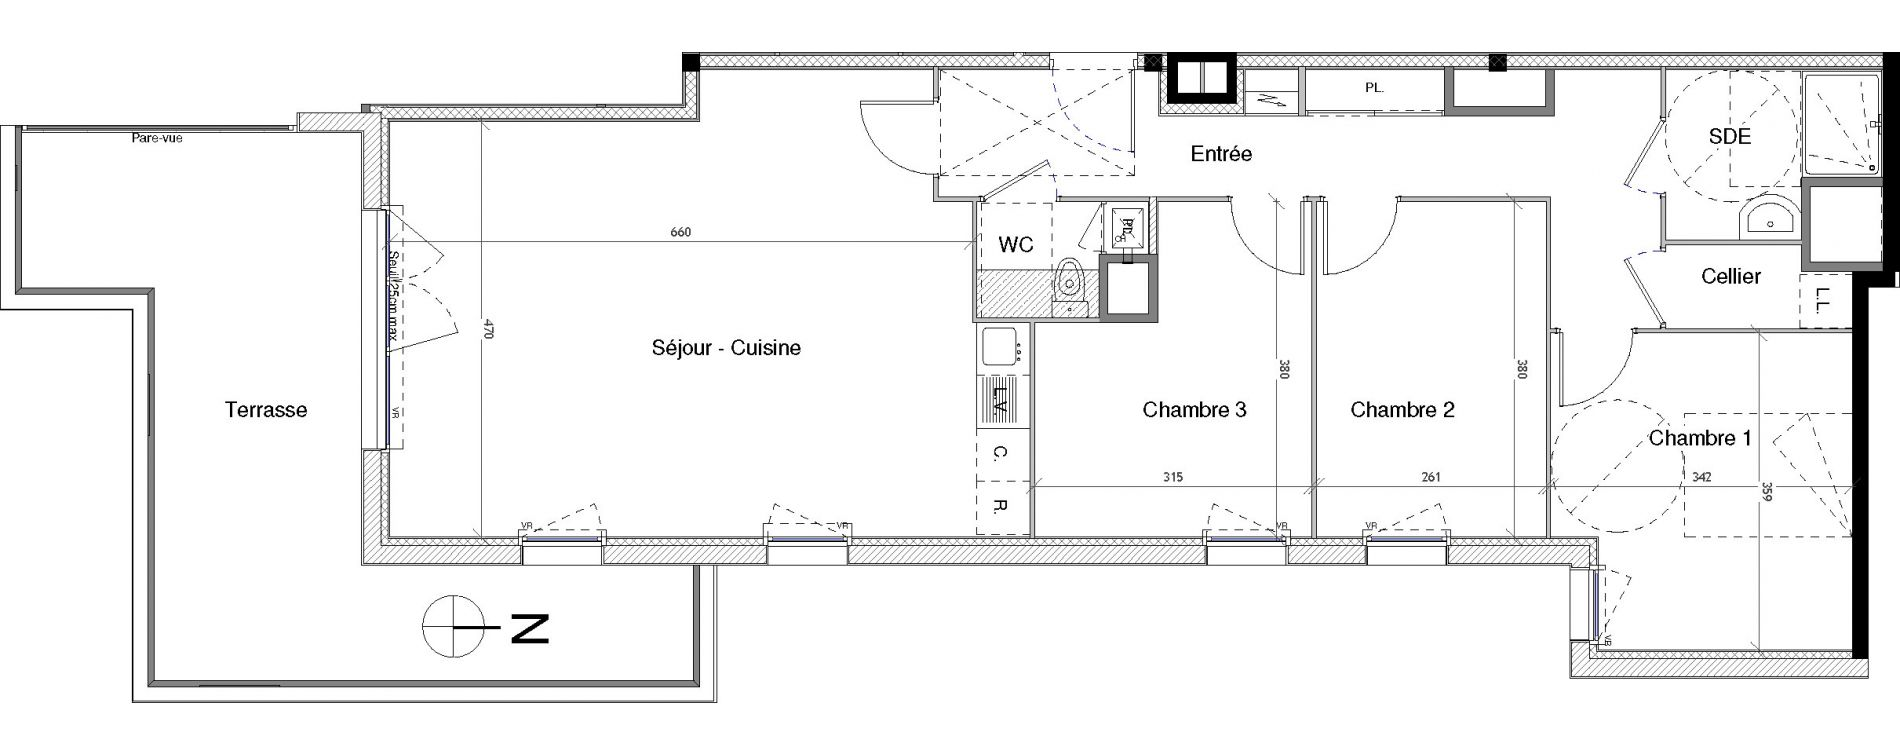 Appartement T4 de 85,55 m2 à Vannes Nord - gare